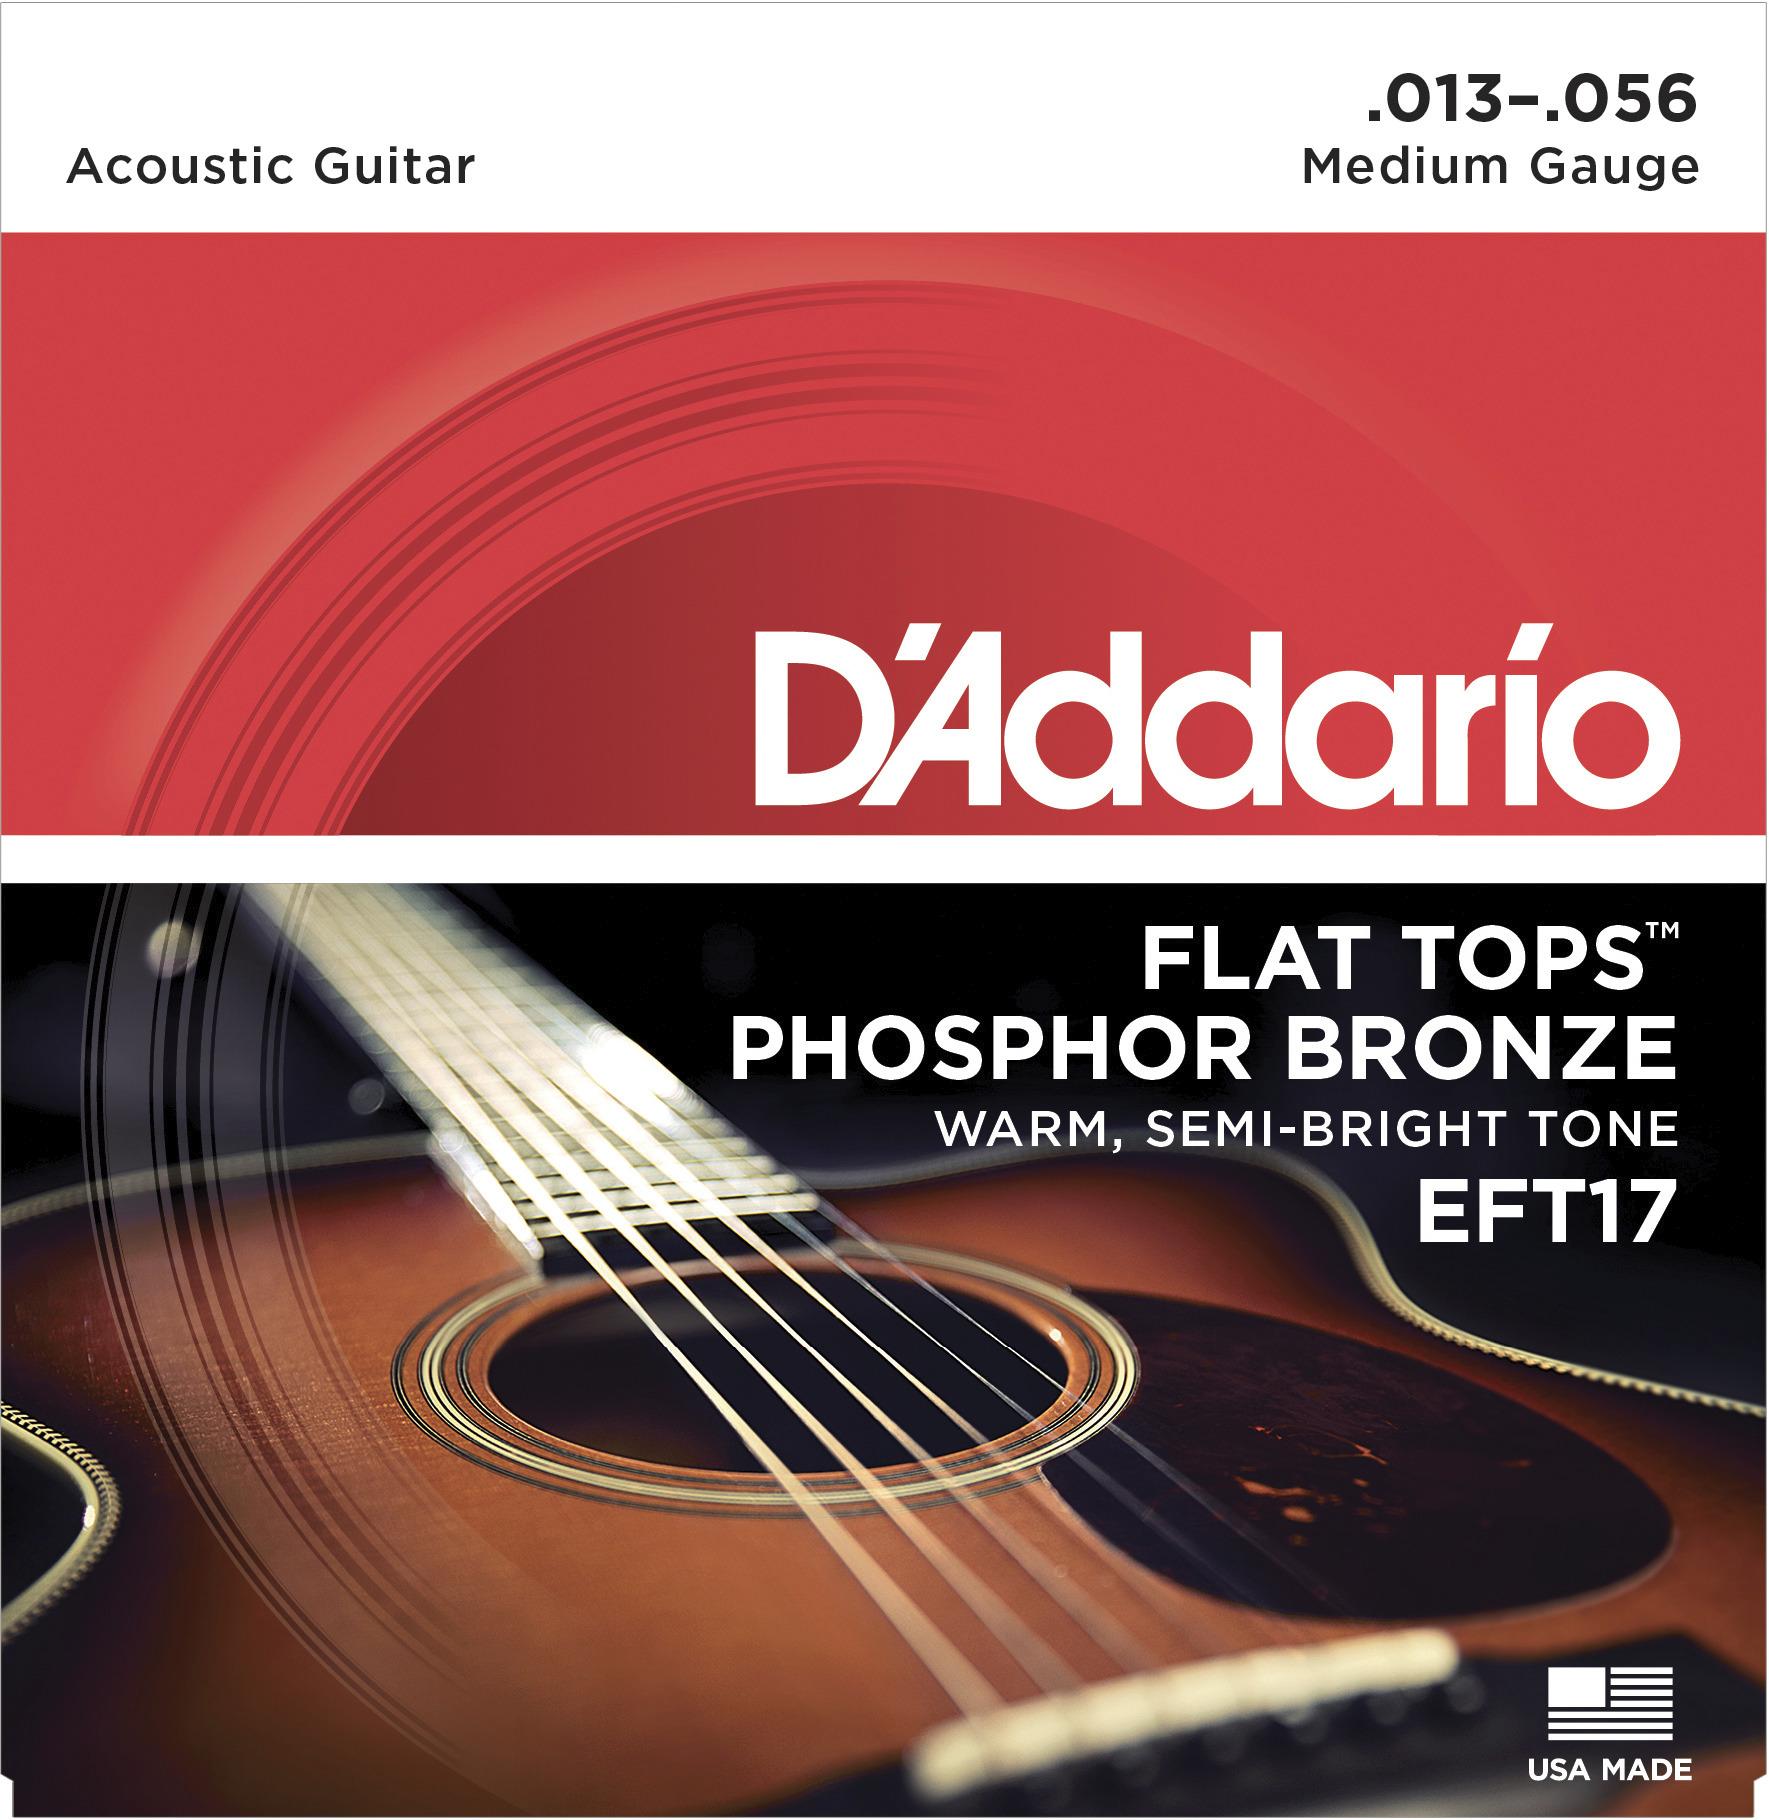 Daddario EFT17 Saitensatz für Westerngitarre 013-056